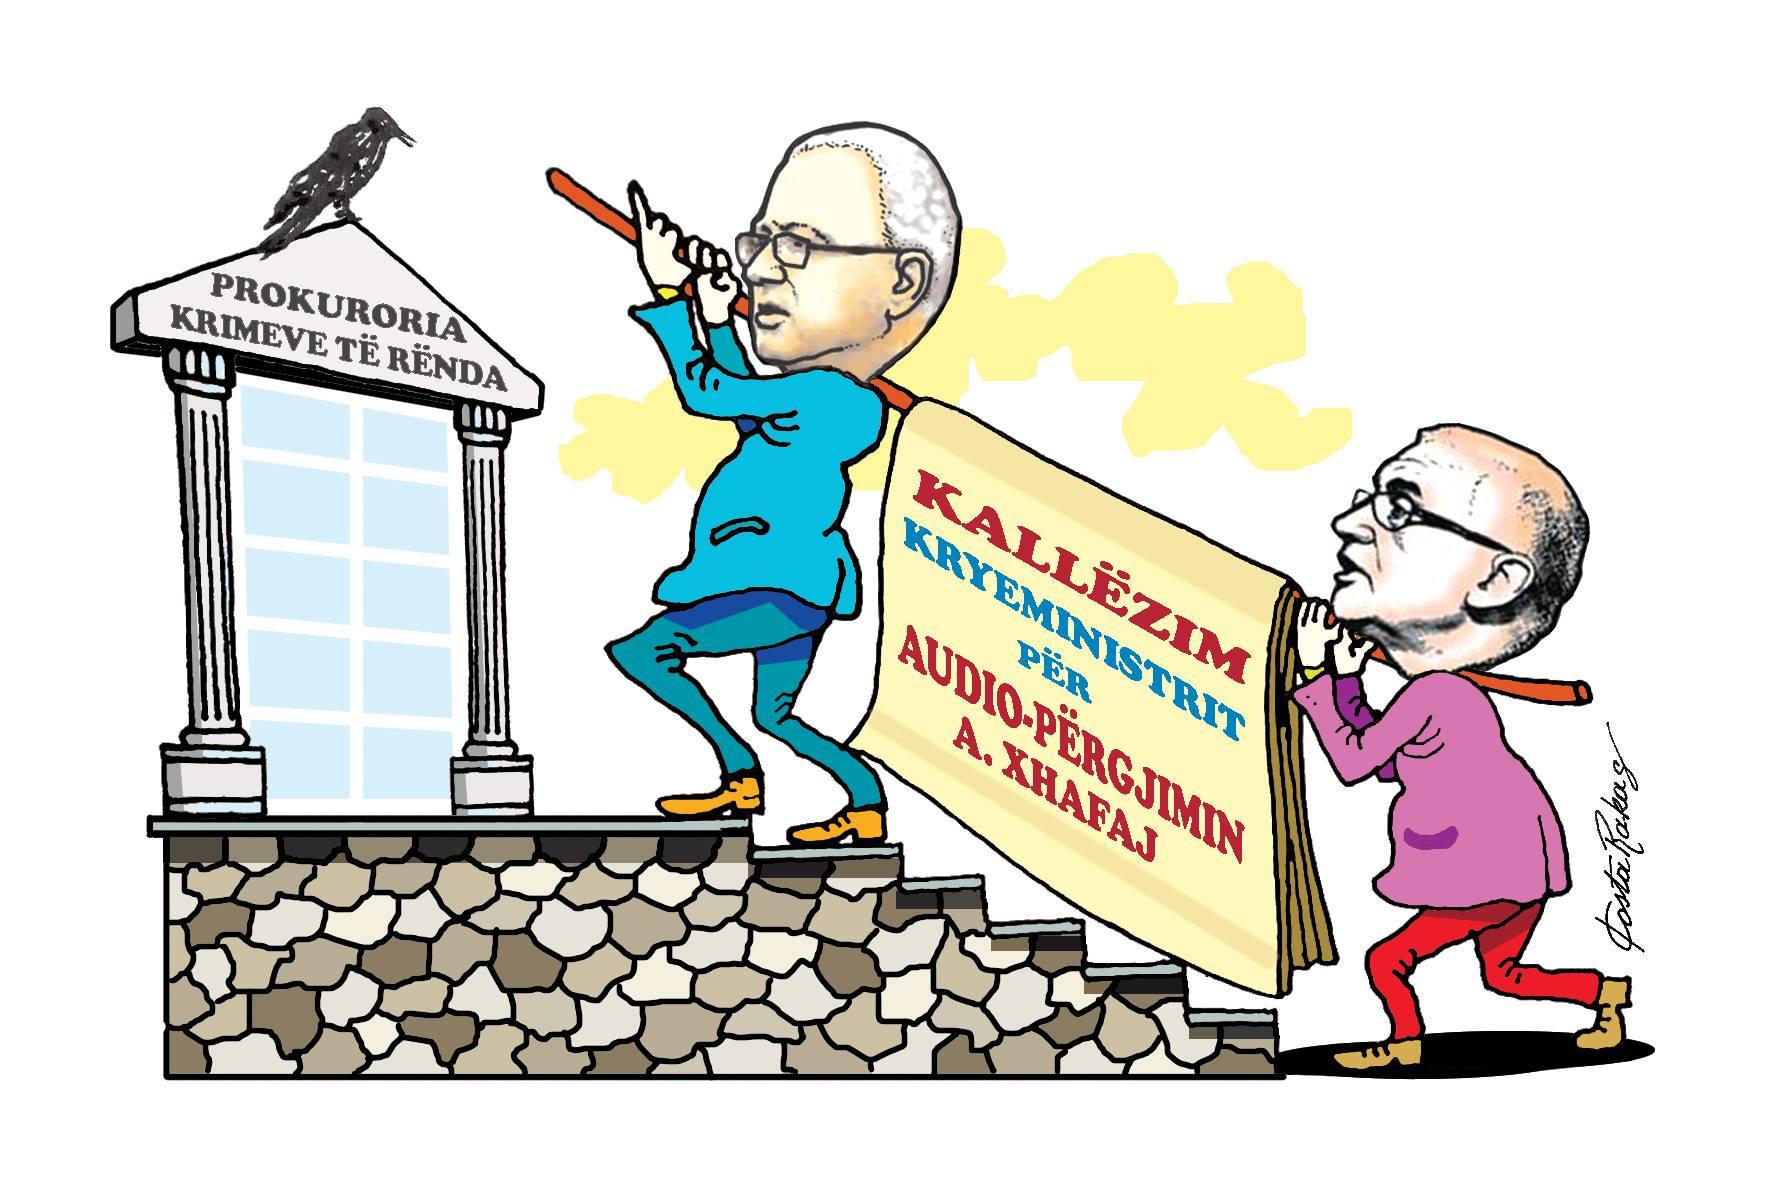 Karikatura e ditës në Albanian Free Press nga Kosta Raka (12 korrik 2018)